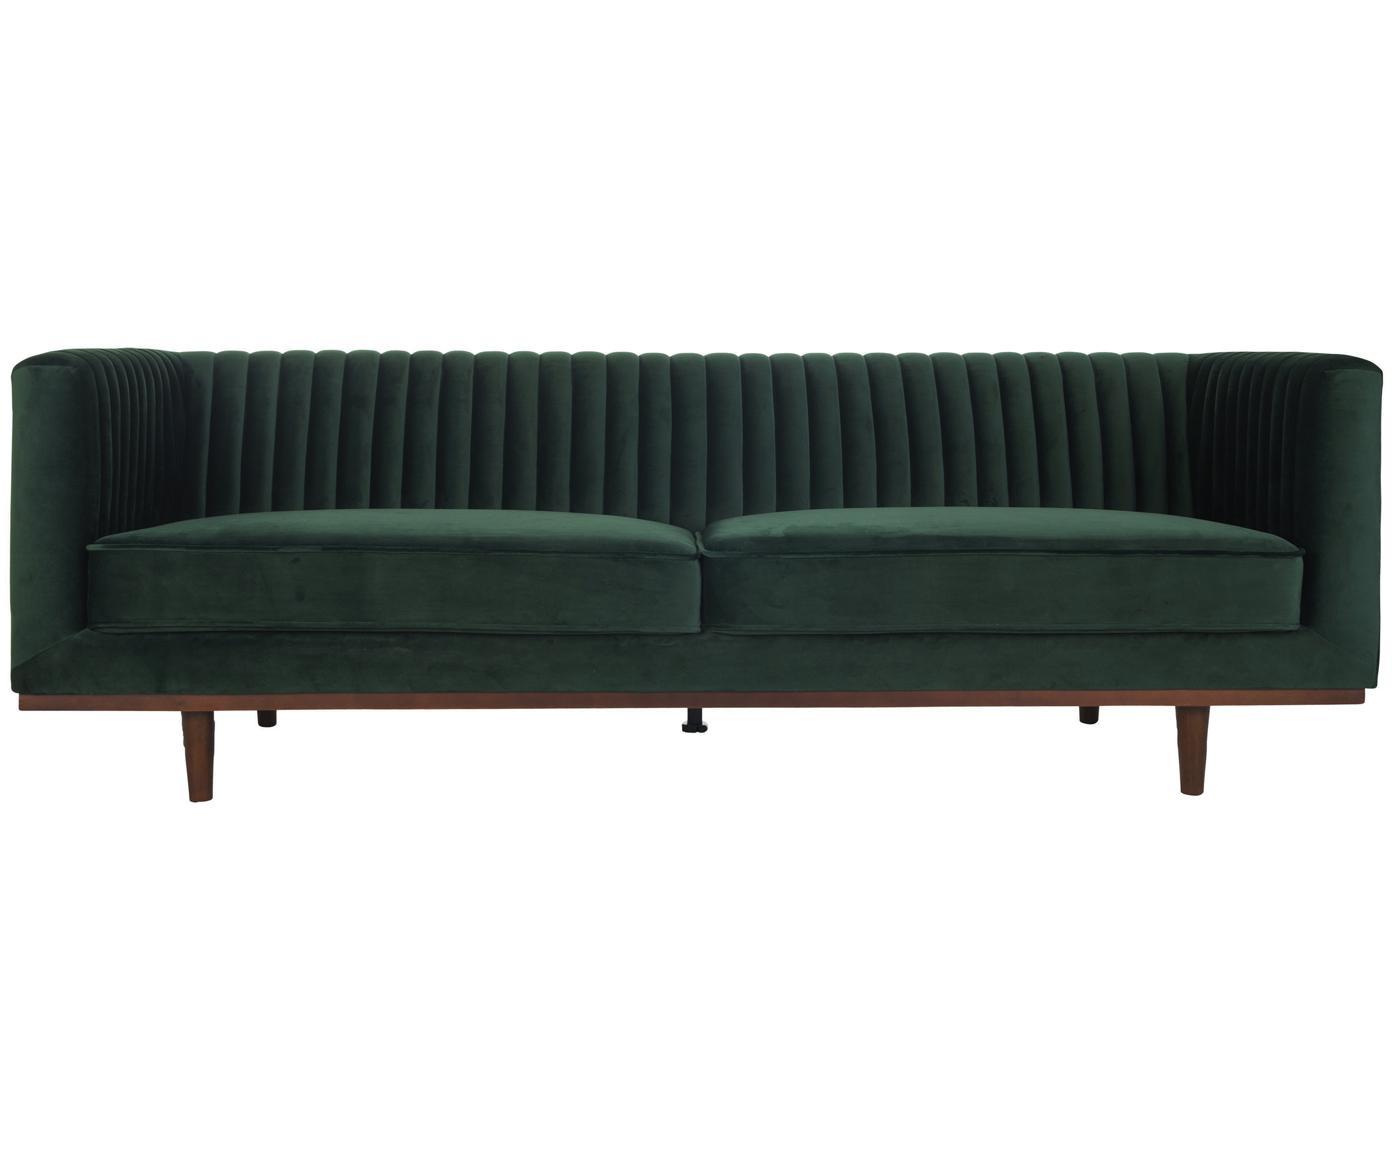 Sofá de terciopelo Dante (3plazas), Tapizado: terciopelo de poliéster, Estructura: madera de caucho lacada, Verde, An 210 x F 87 cm